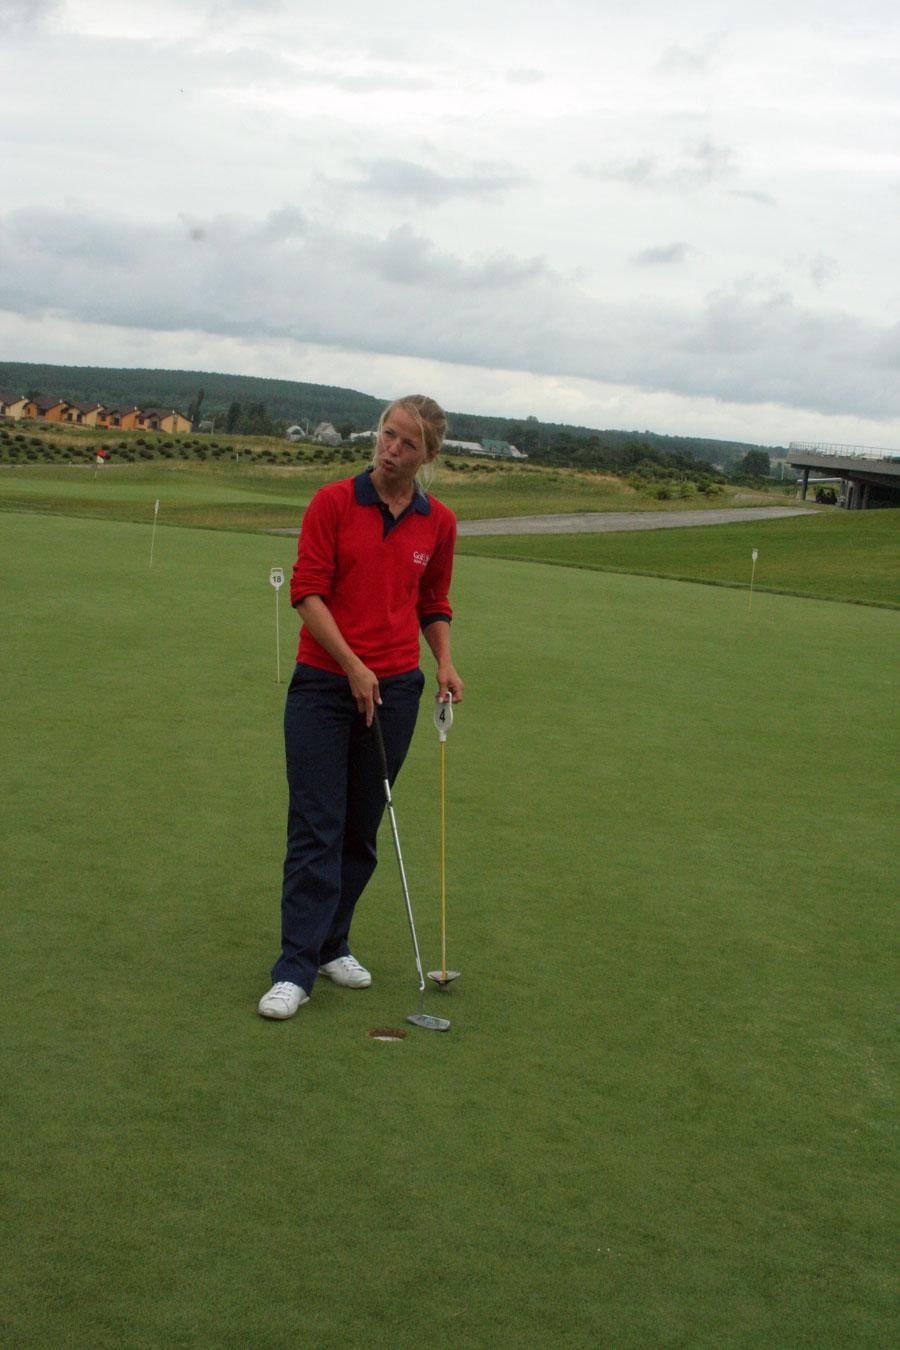 Golfstream, apassionata, golf, гольф, гольф-в-Украине, блог-тур, 4592